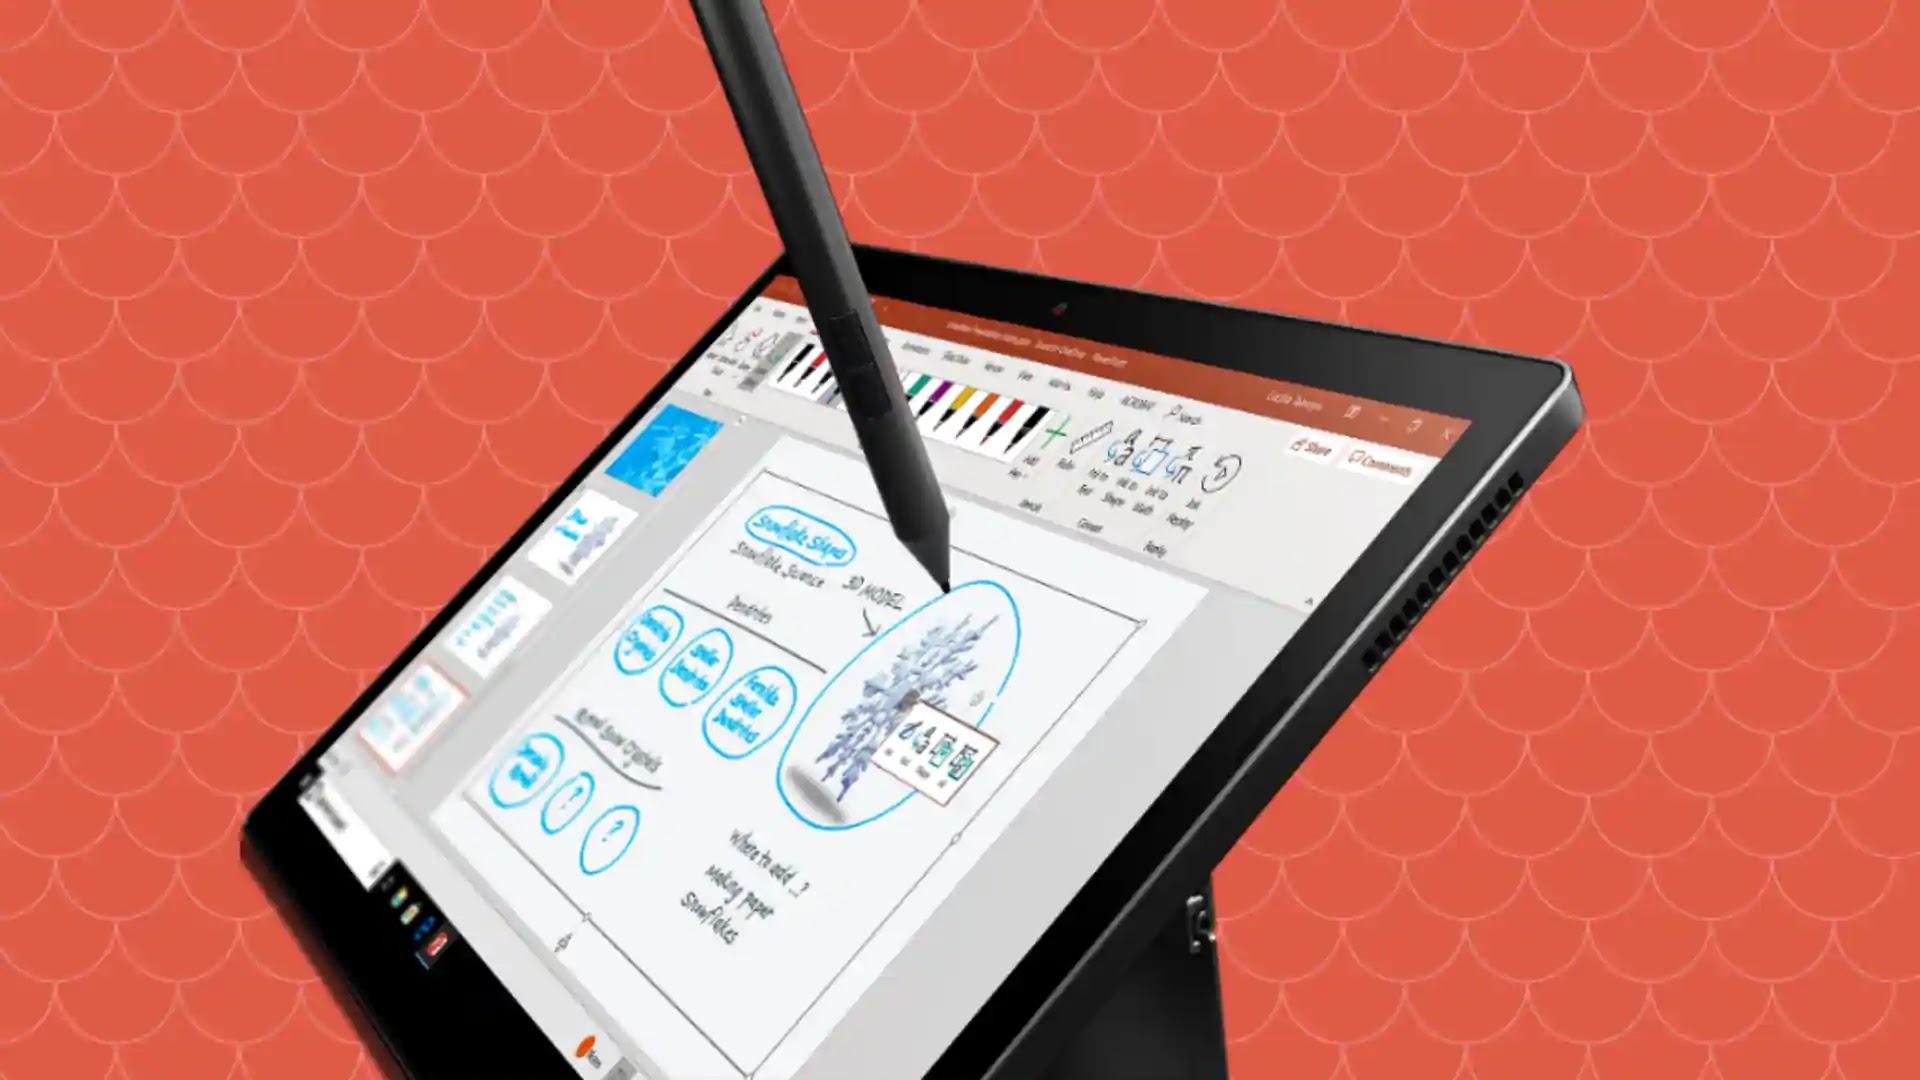 lenovo-meluncurkan-laptop-thinkpad-tertipis-dengan-dolby-voice-pertama-di-dunia